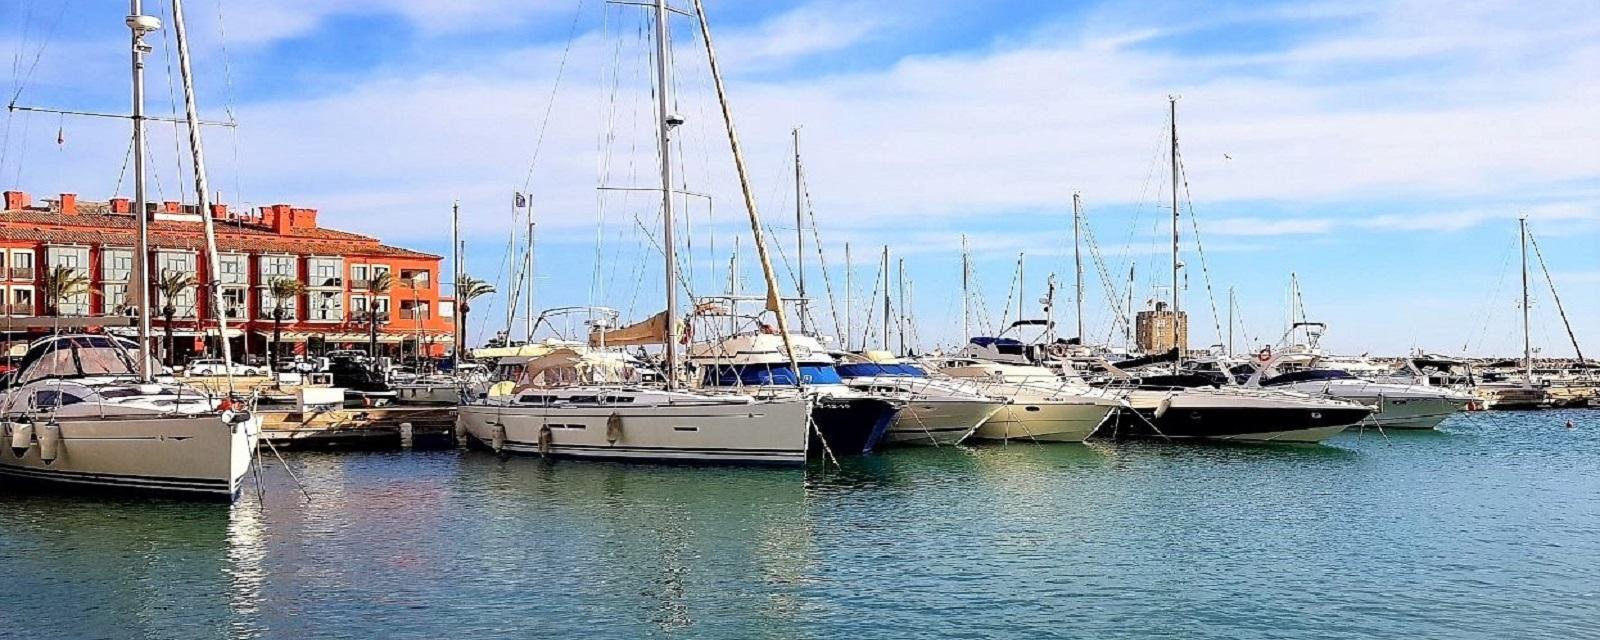 Marina Spain